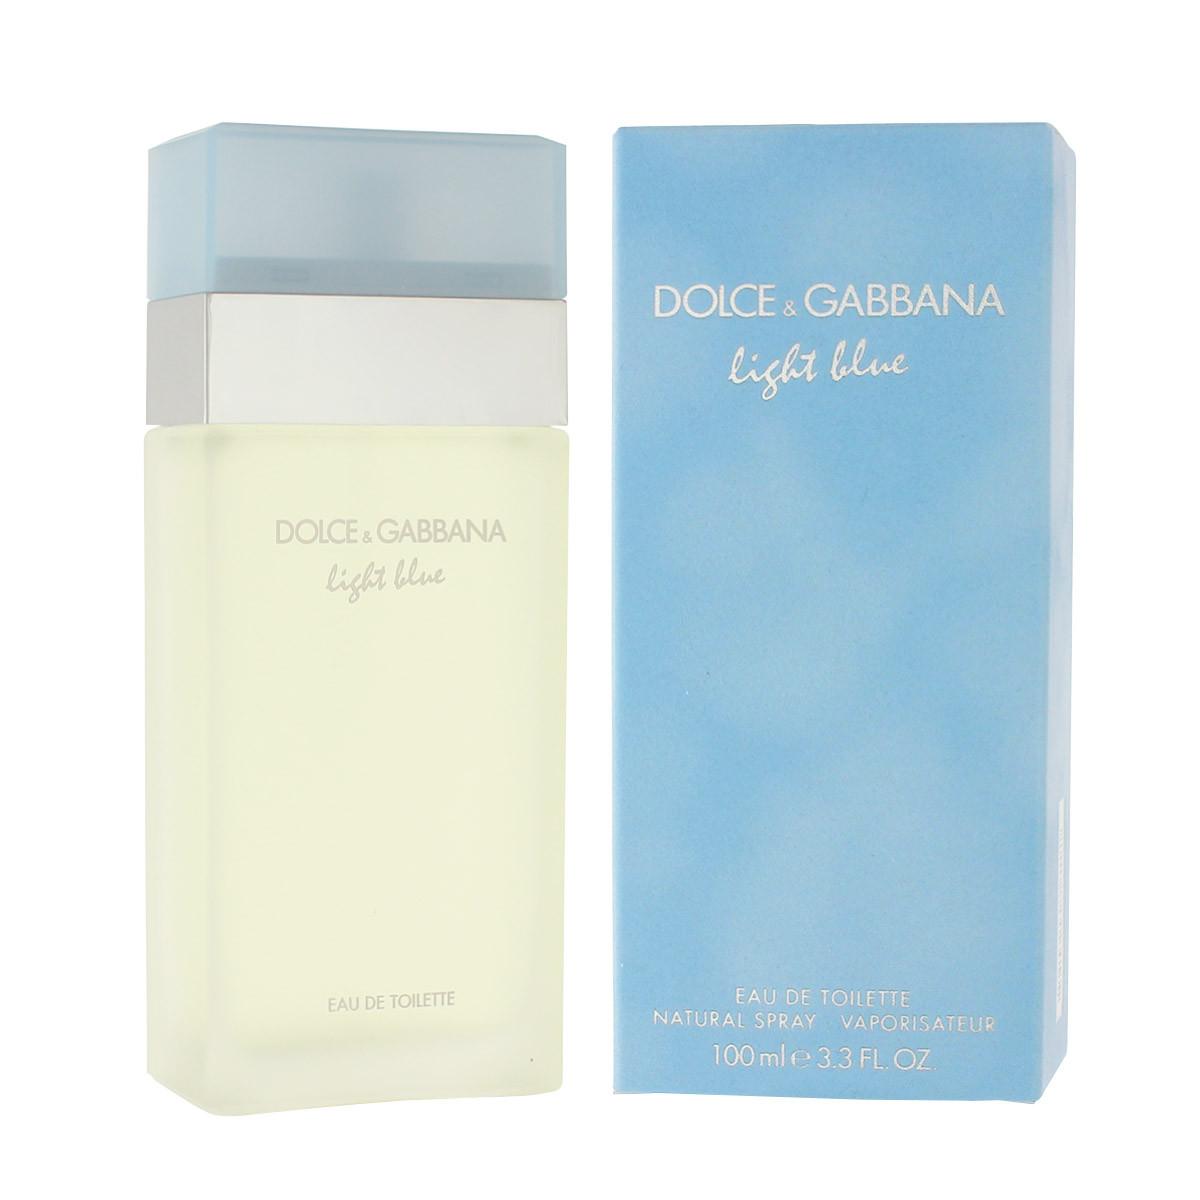 dolce gabbana light blue eau de toilette 100 ml woman. Black Bedroom Furniture Sets. Home Design Ideas